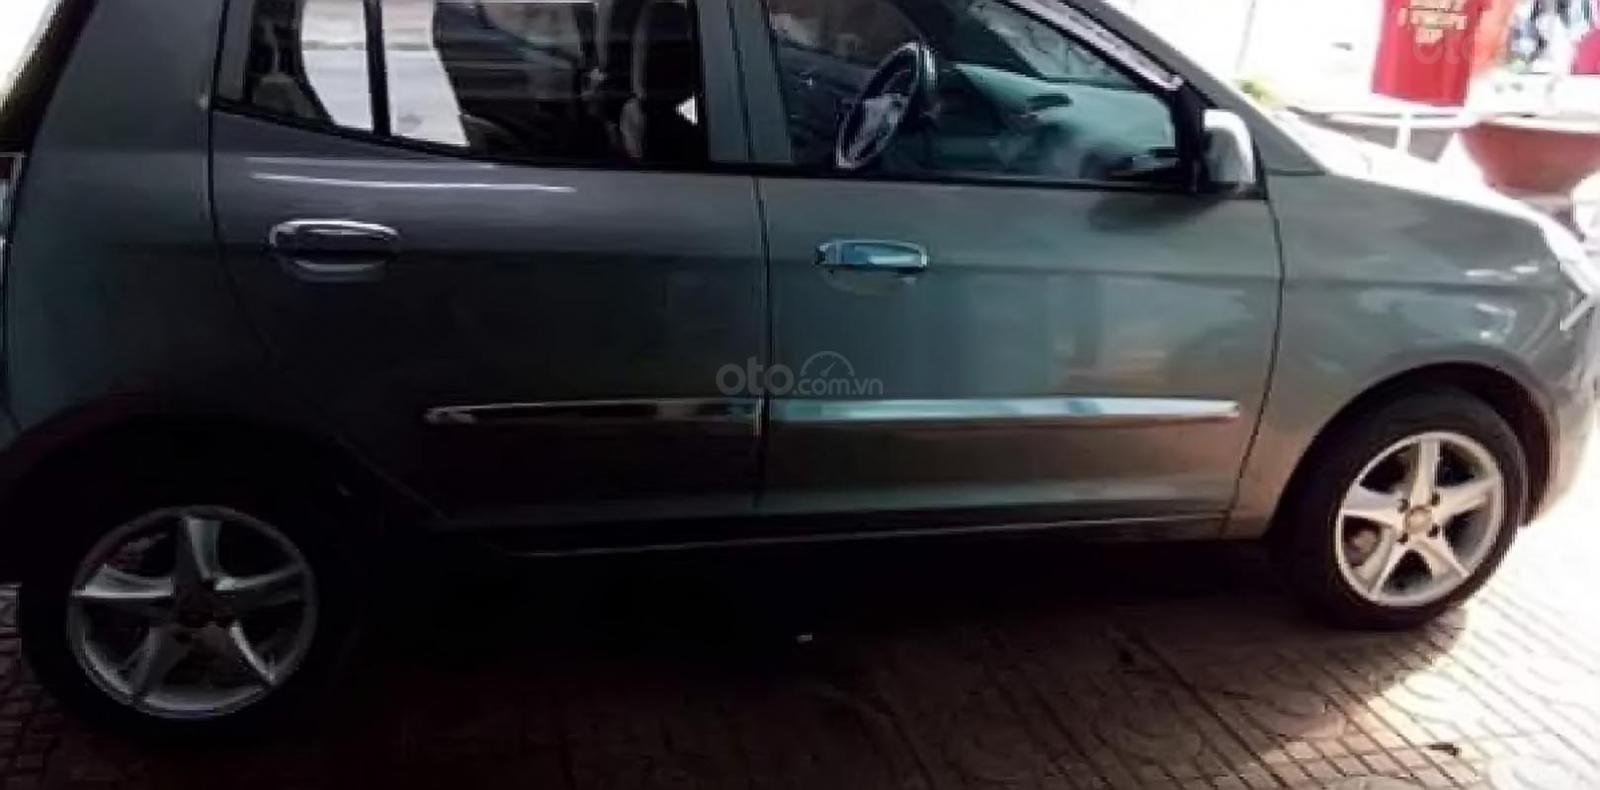 Cần bán xe Kia Morning LX 1.1 MT đời 2012, màu xám -0